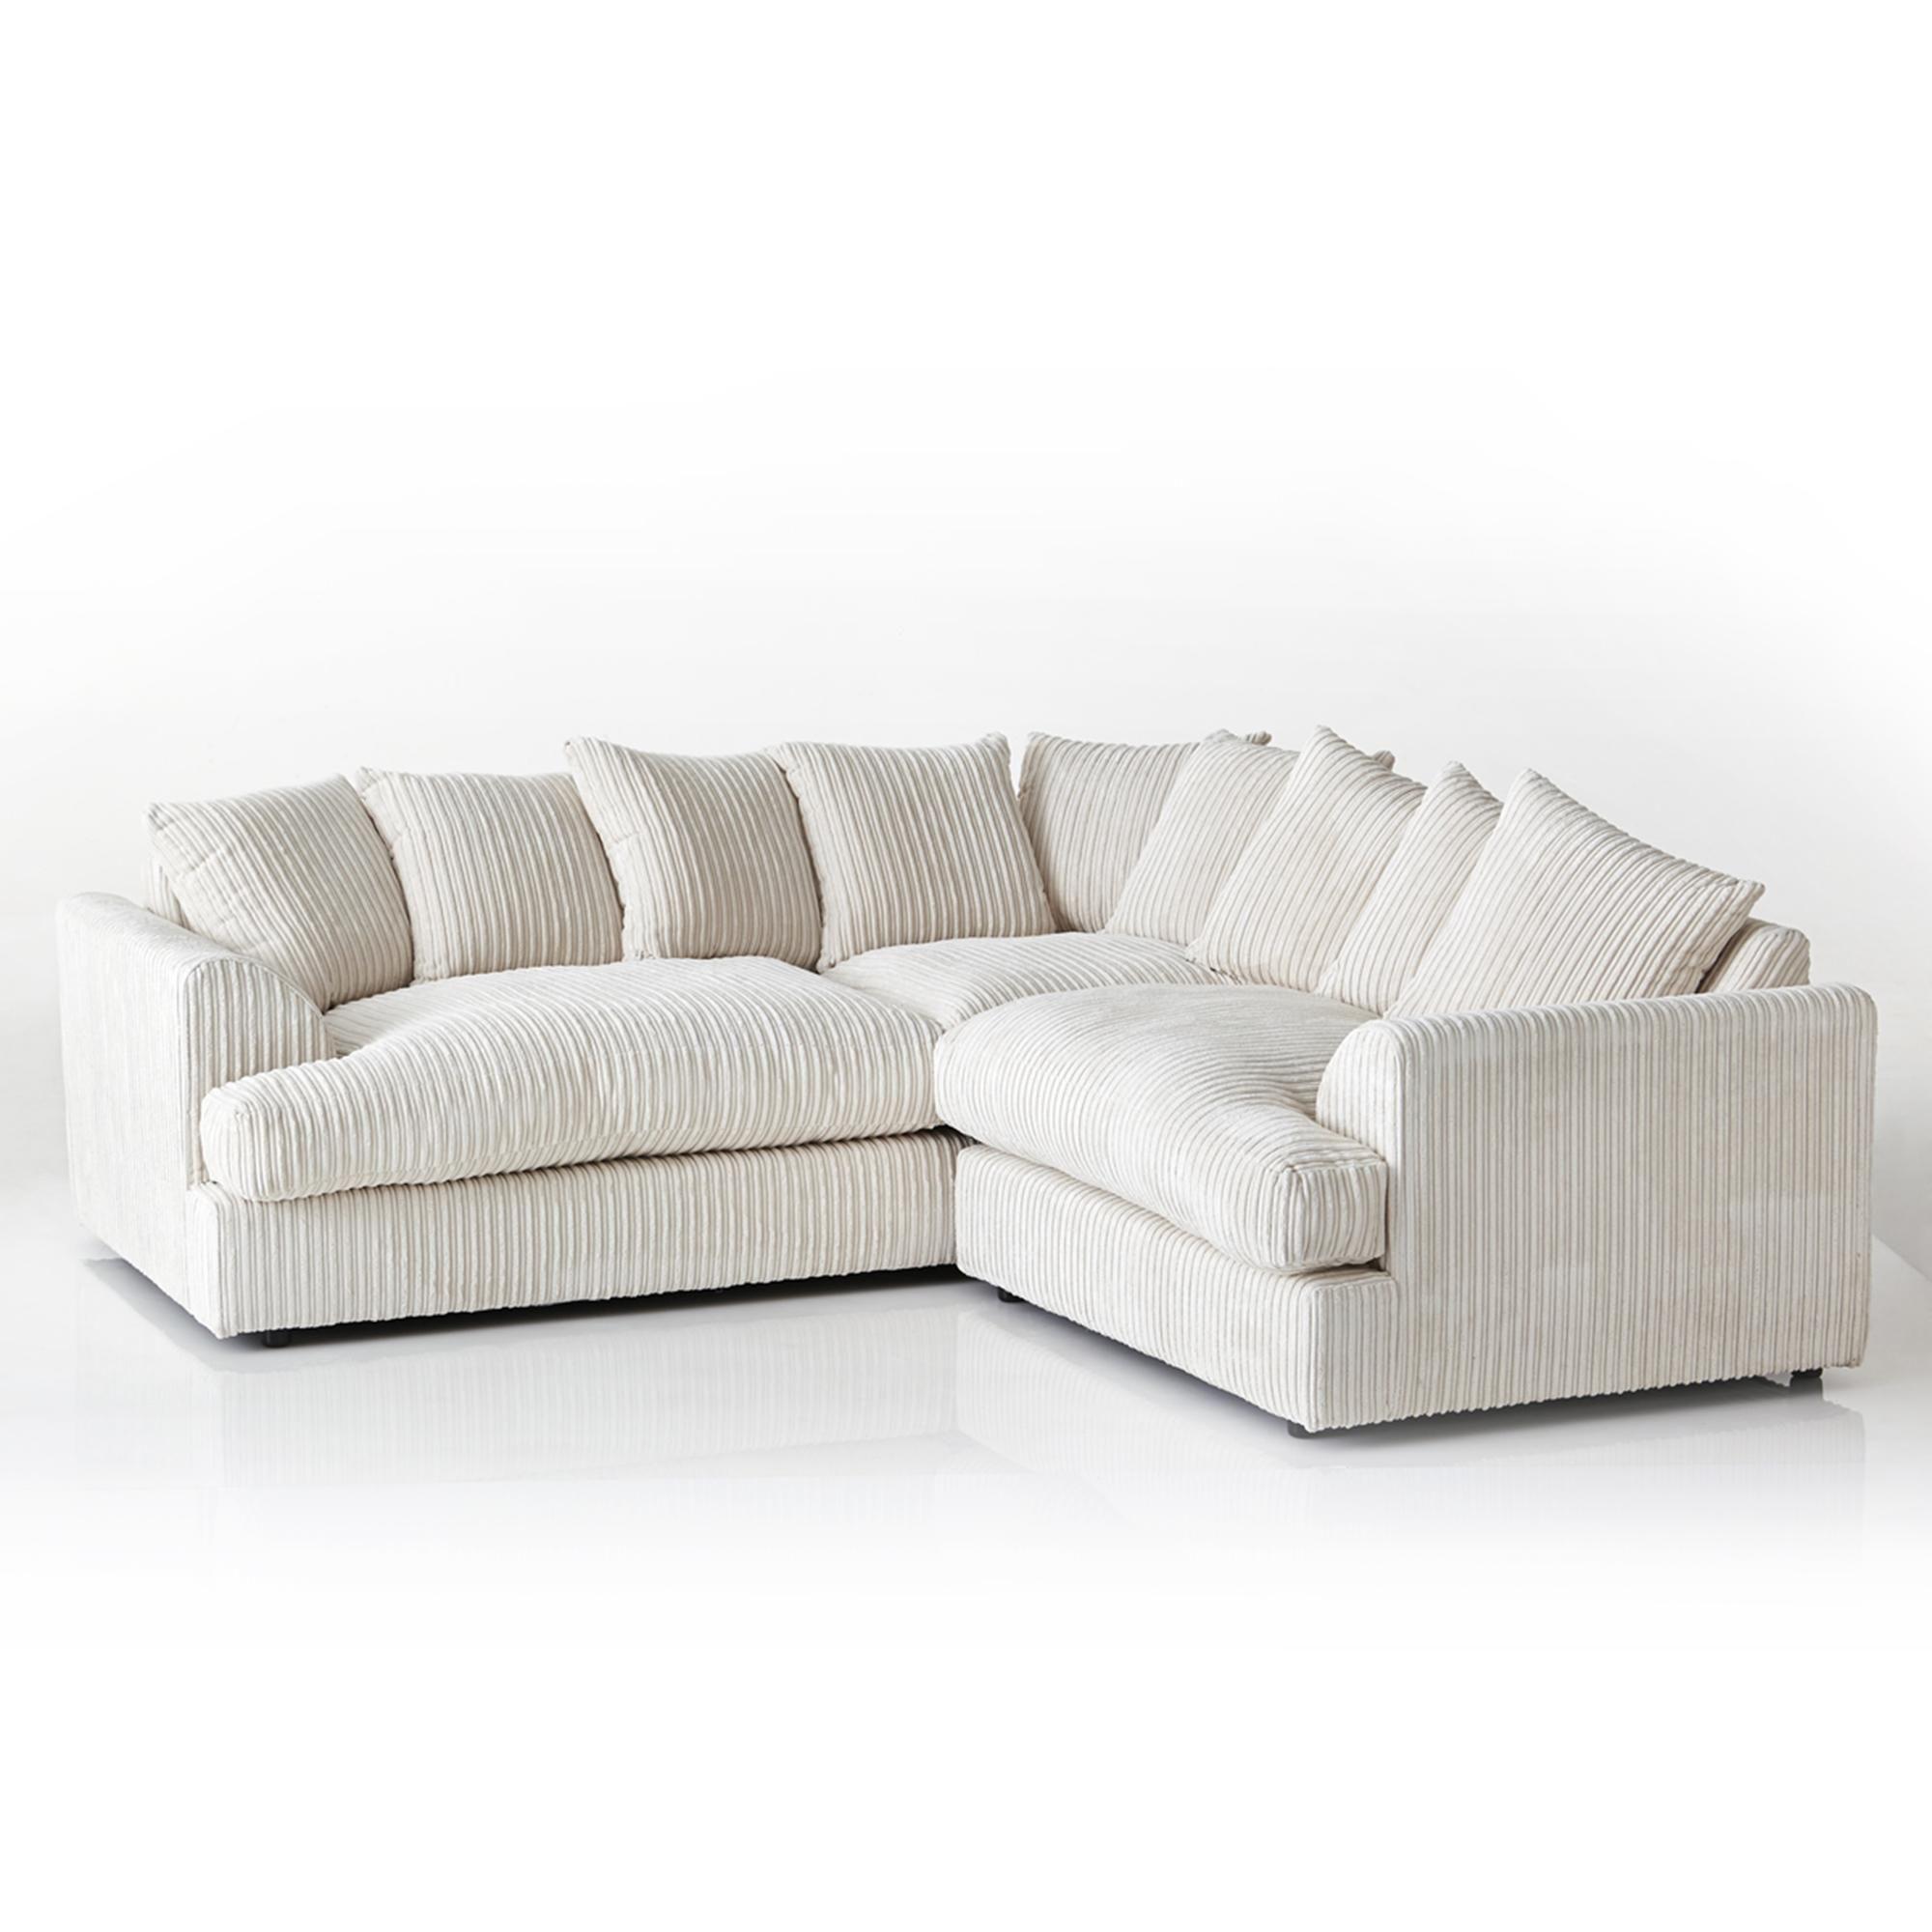 Dunelm Jasper In 2020 With Images Corner Sofa Sofa Cream Corner Sofa